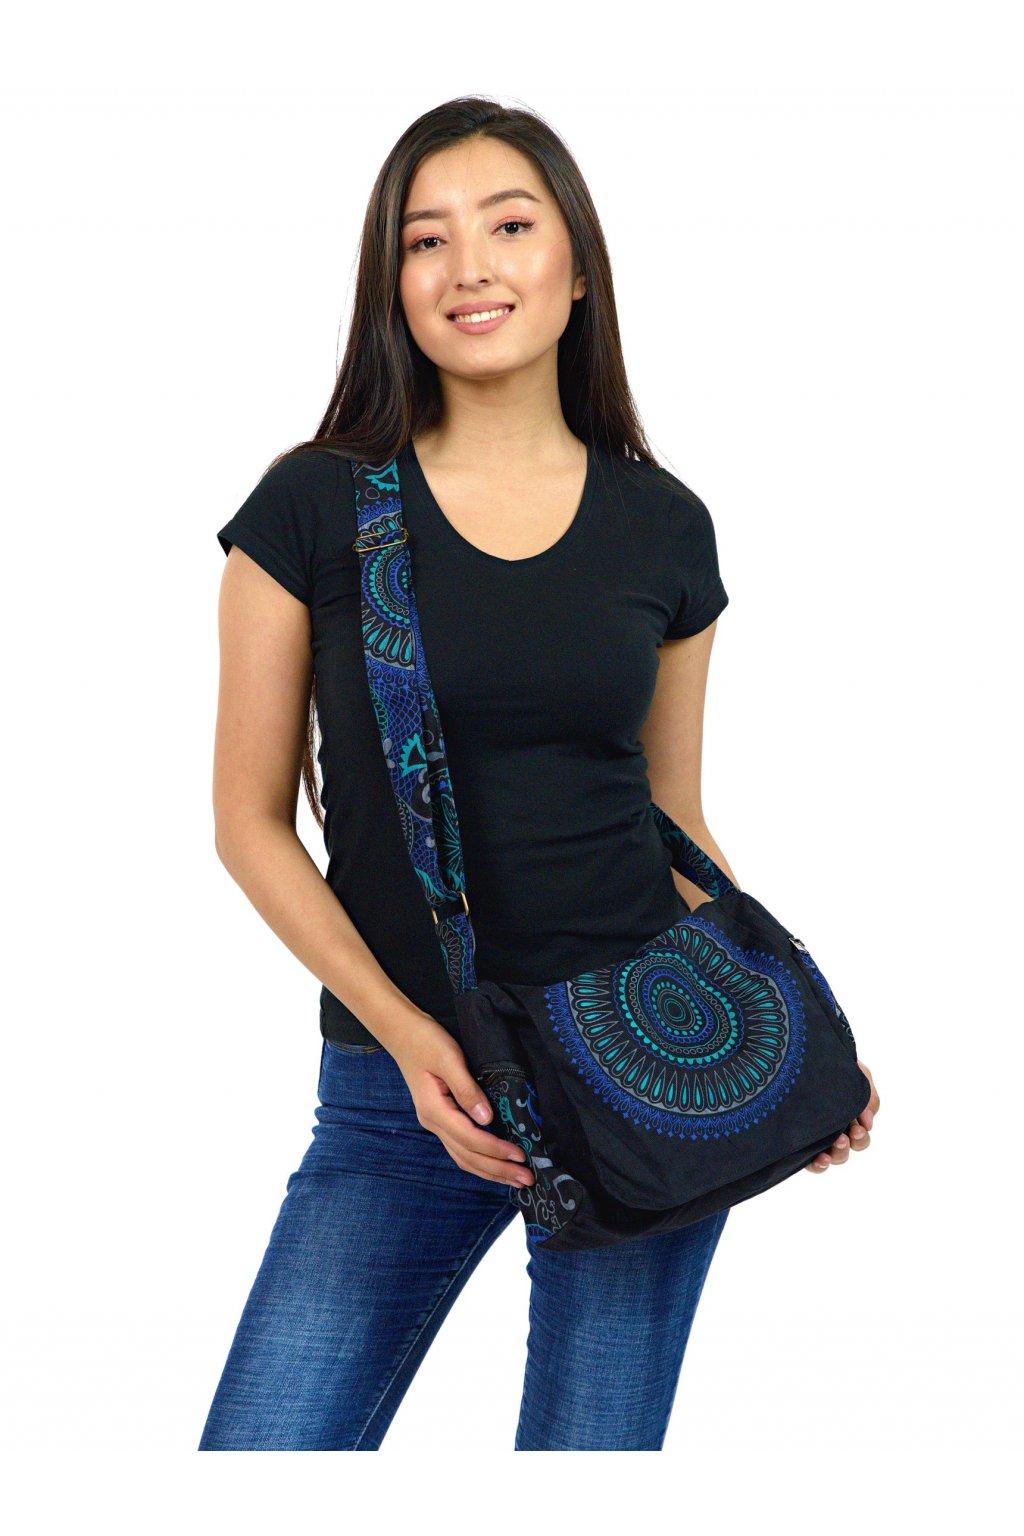 Crossbody kabelka Aiea - černá s tyrkysovou